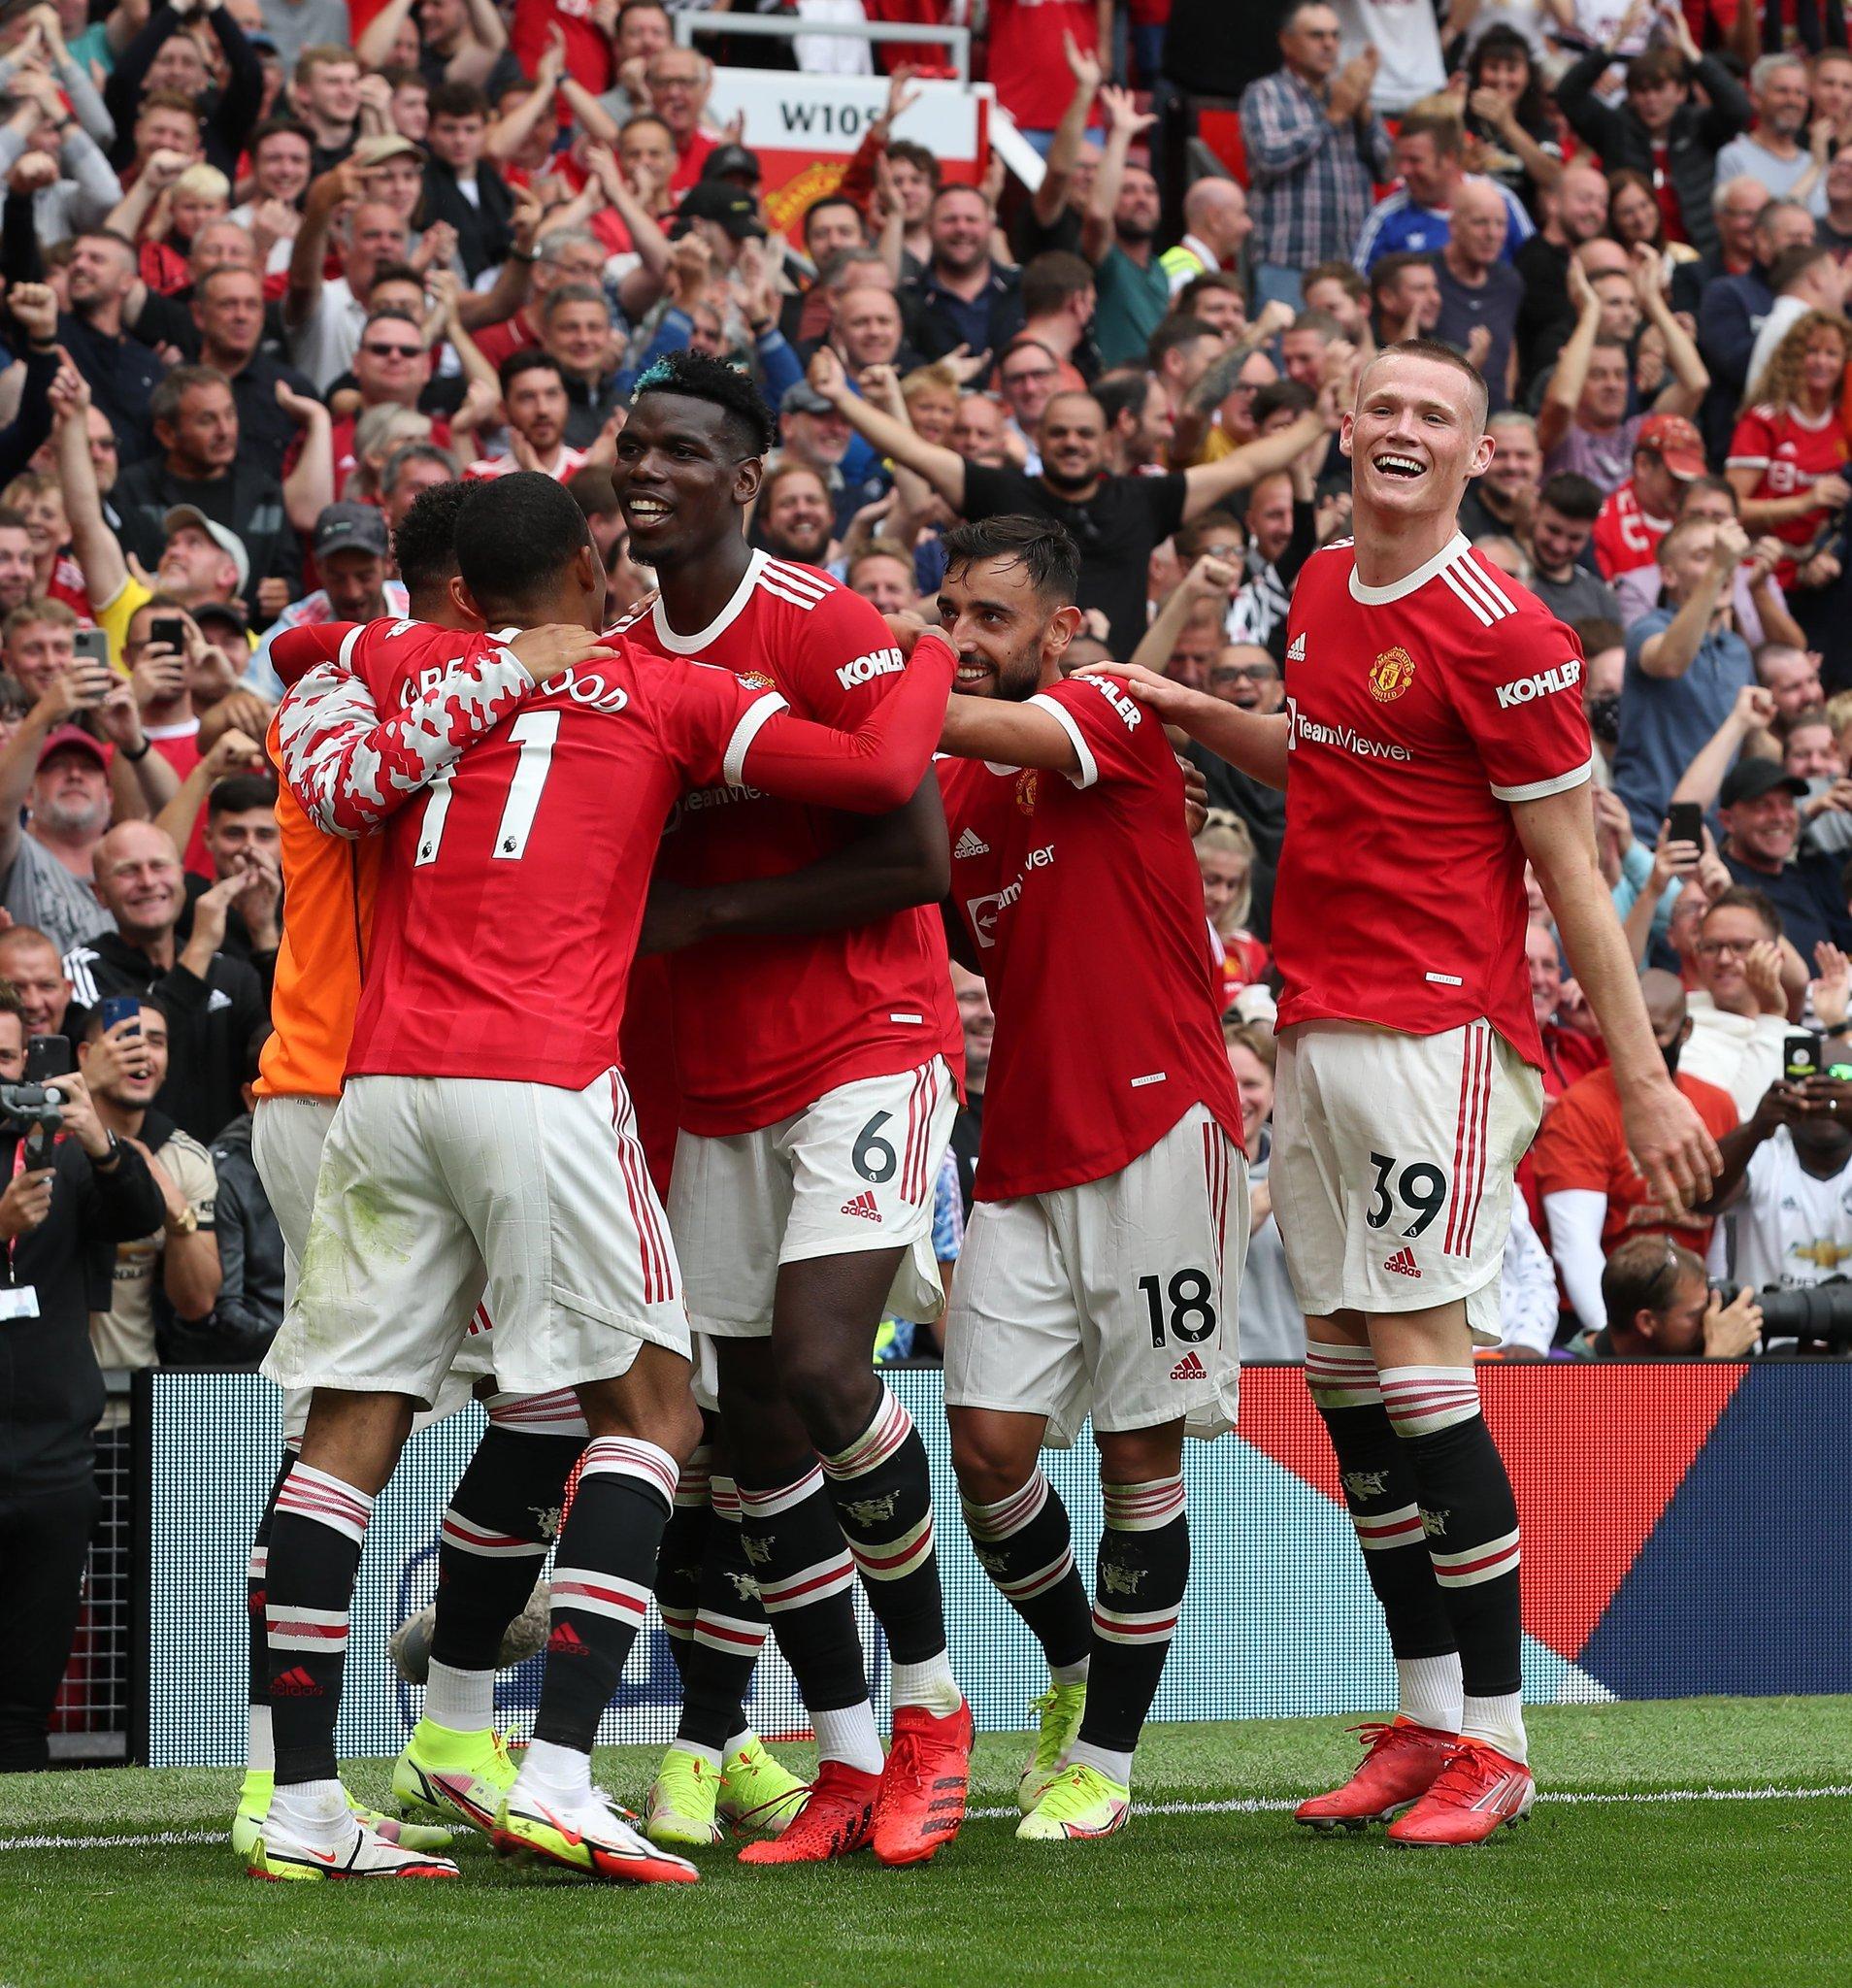 مانشستر يونايتد يقسو على ليدز يونايتد بهزيمة ثقيلة في مباراة تألق بوغبا (شاهد)